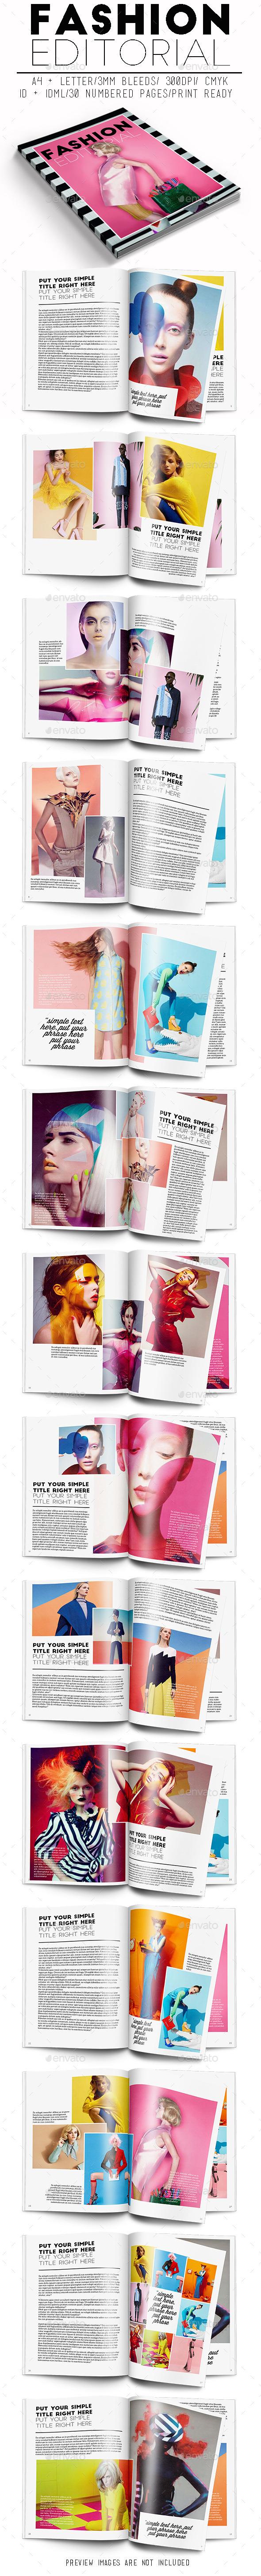 GraphicRiver Fashion Editorial 10551077